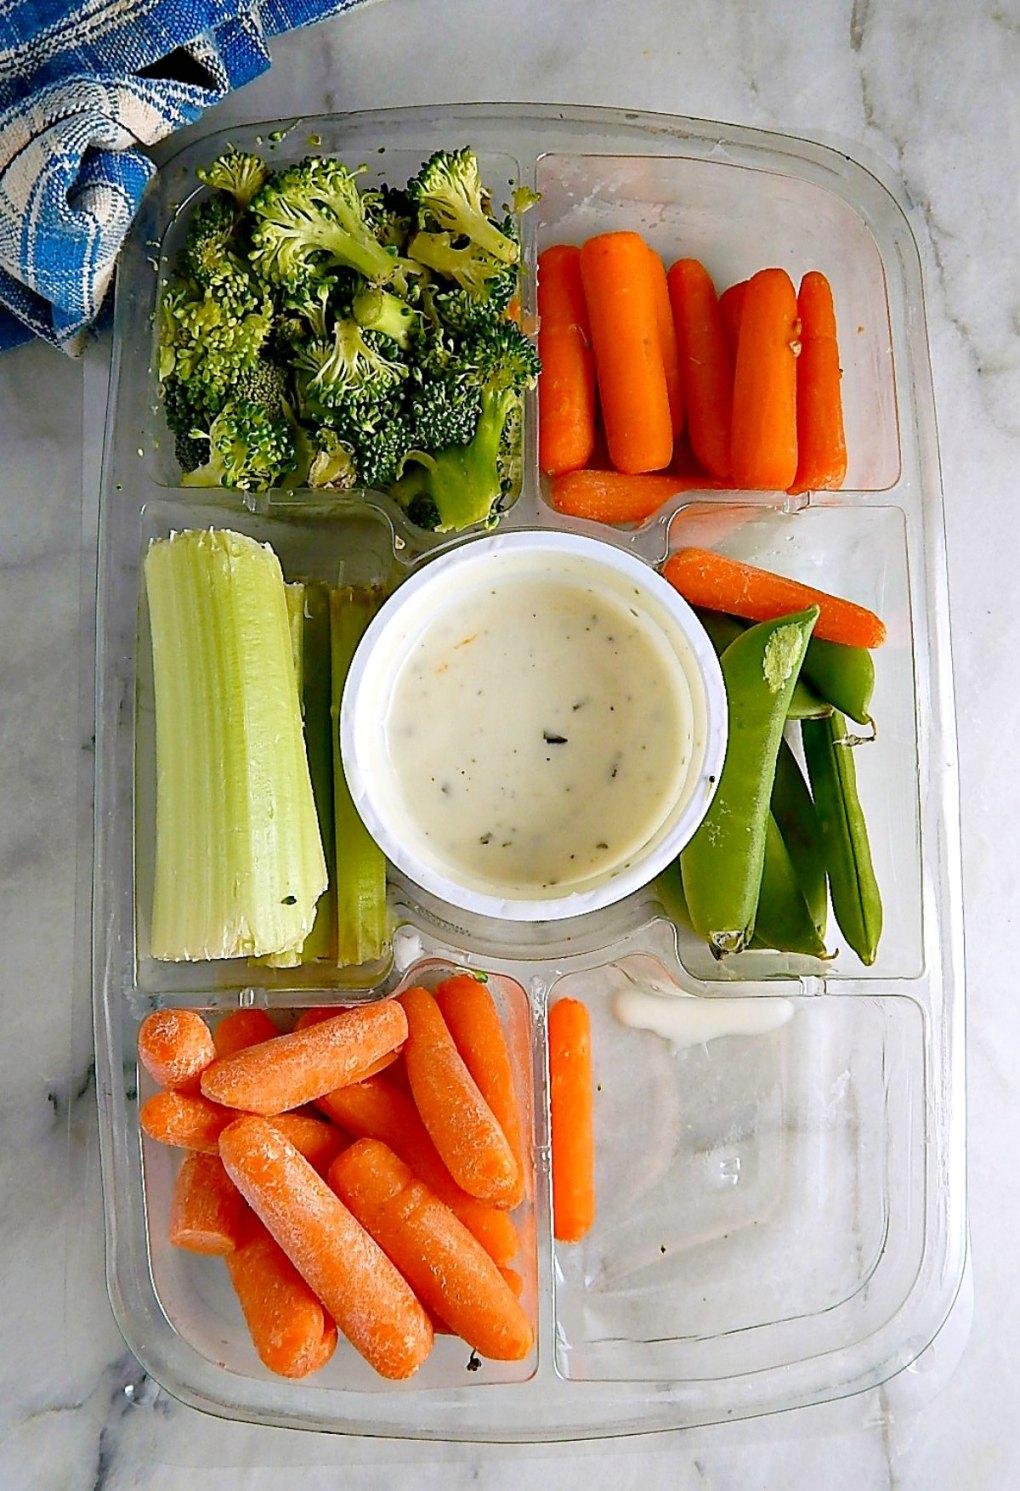 Leftover Veggie Tray